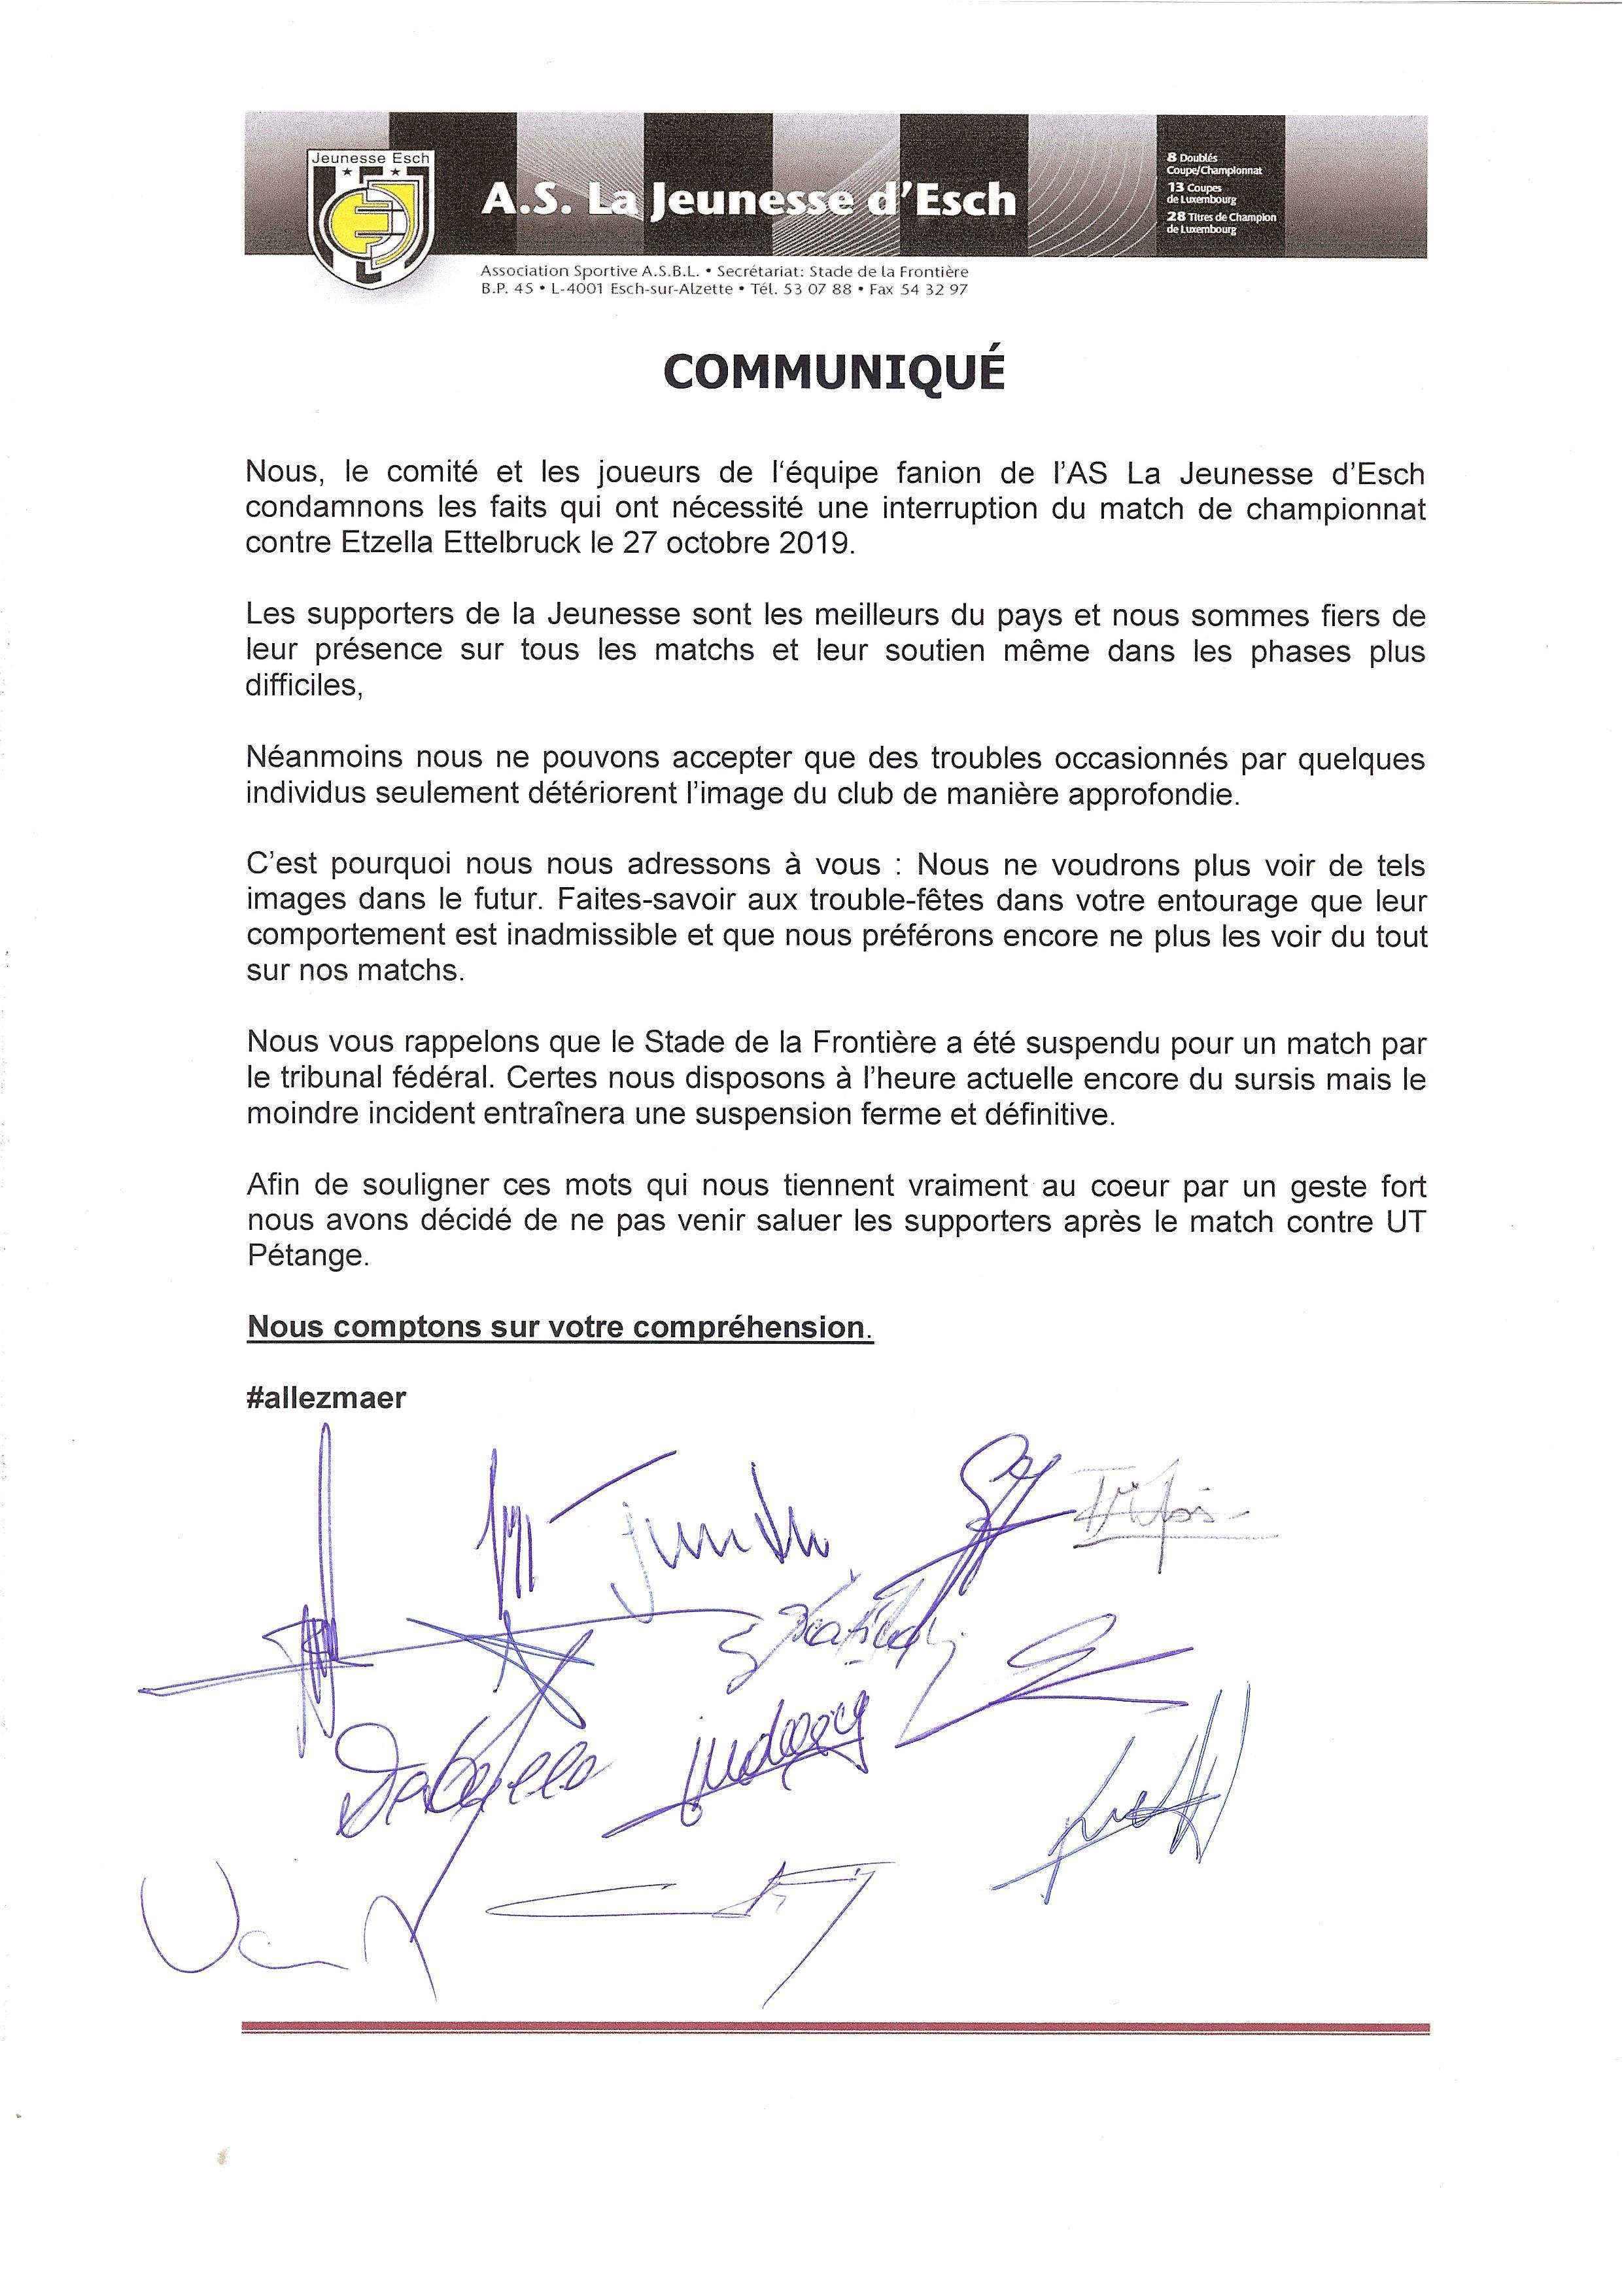 COMMUNIQUÉ SUITE AUX DÉBORDEMENTS LORS DU MATCH CONTRE ETZELLA